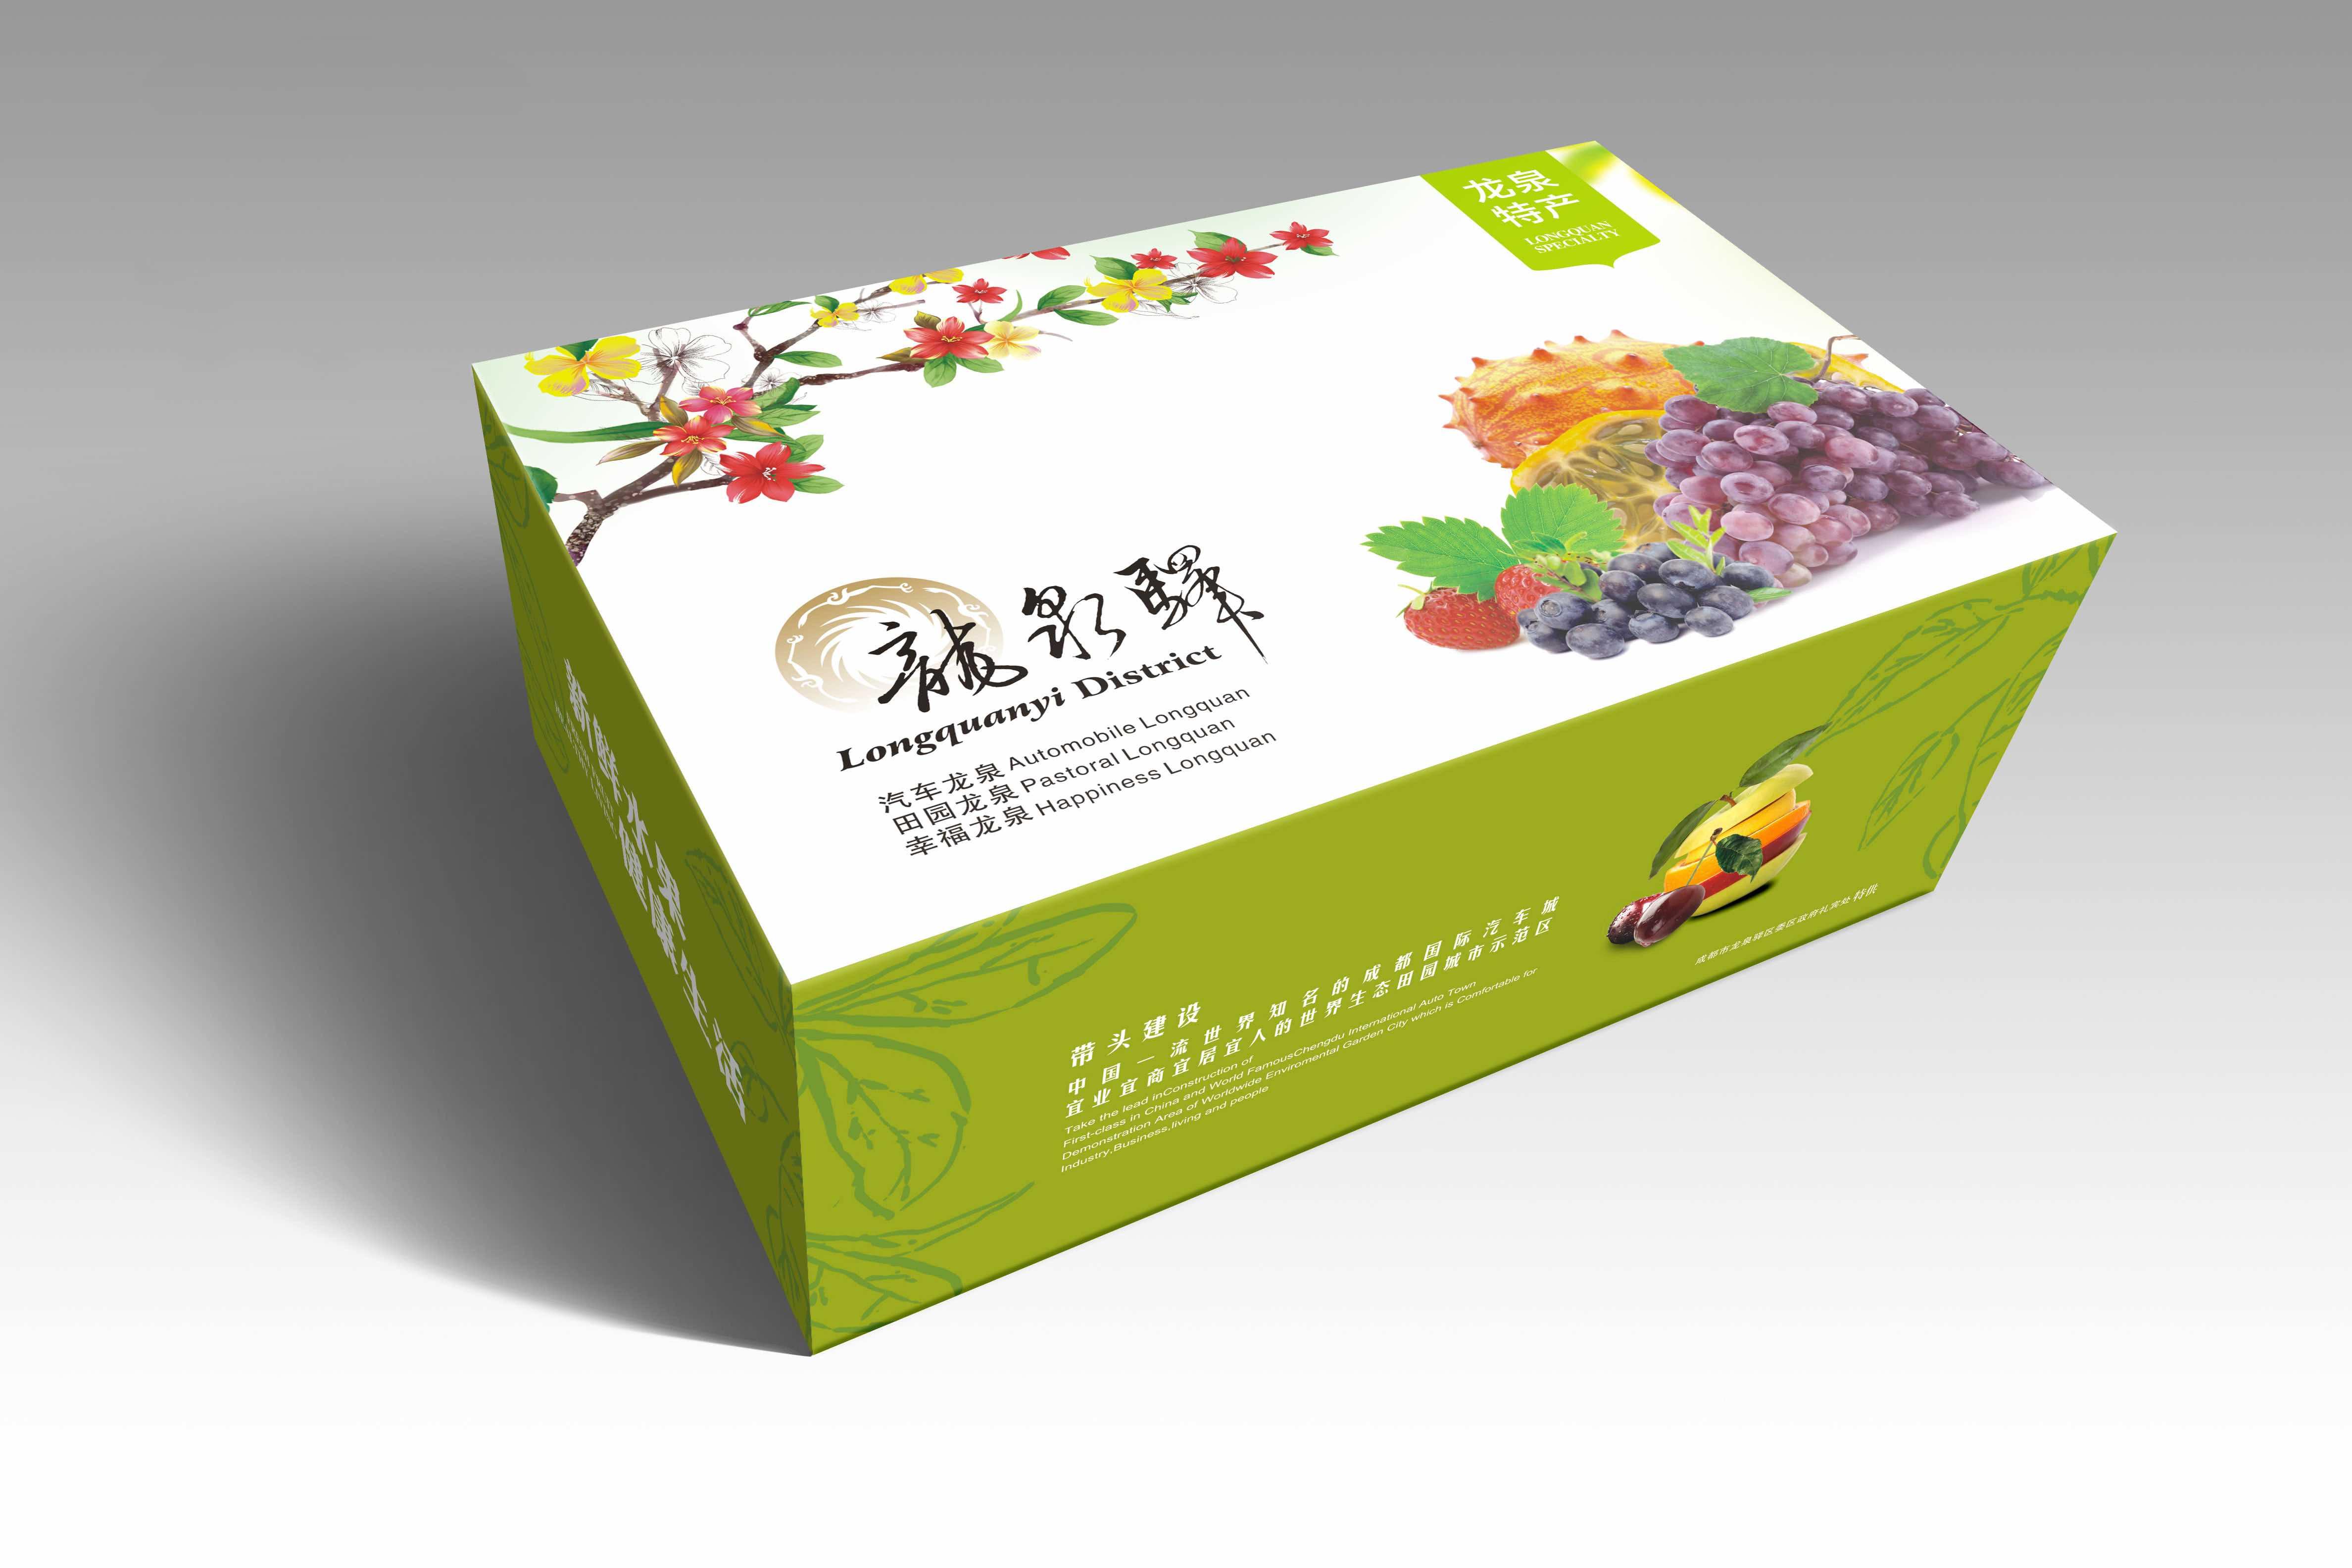 有草莓,枇杷,车厘子,水蜜桃,樱桃,葡萄,综合水果的包装设计.